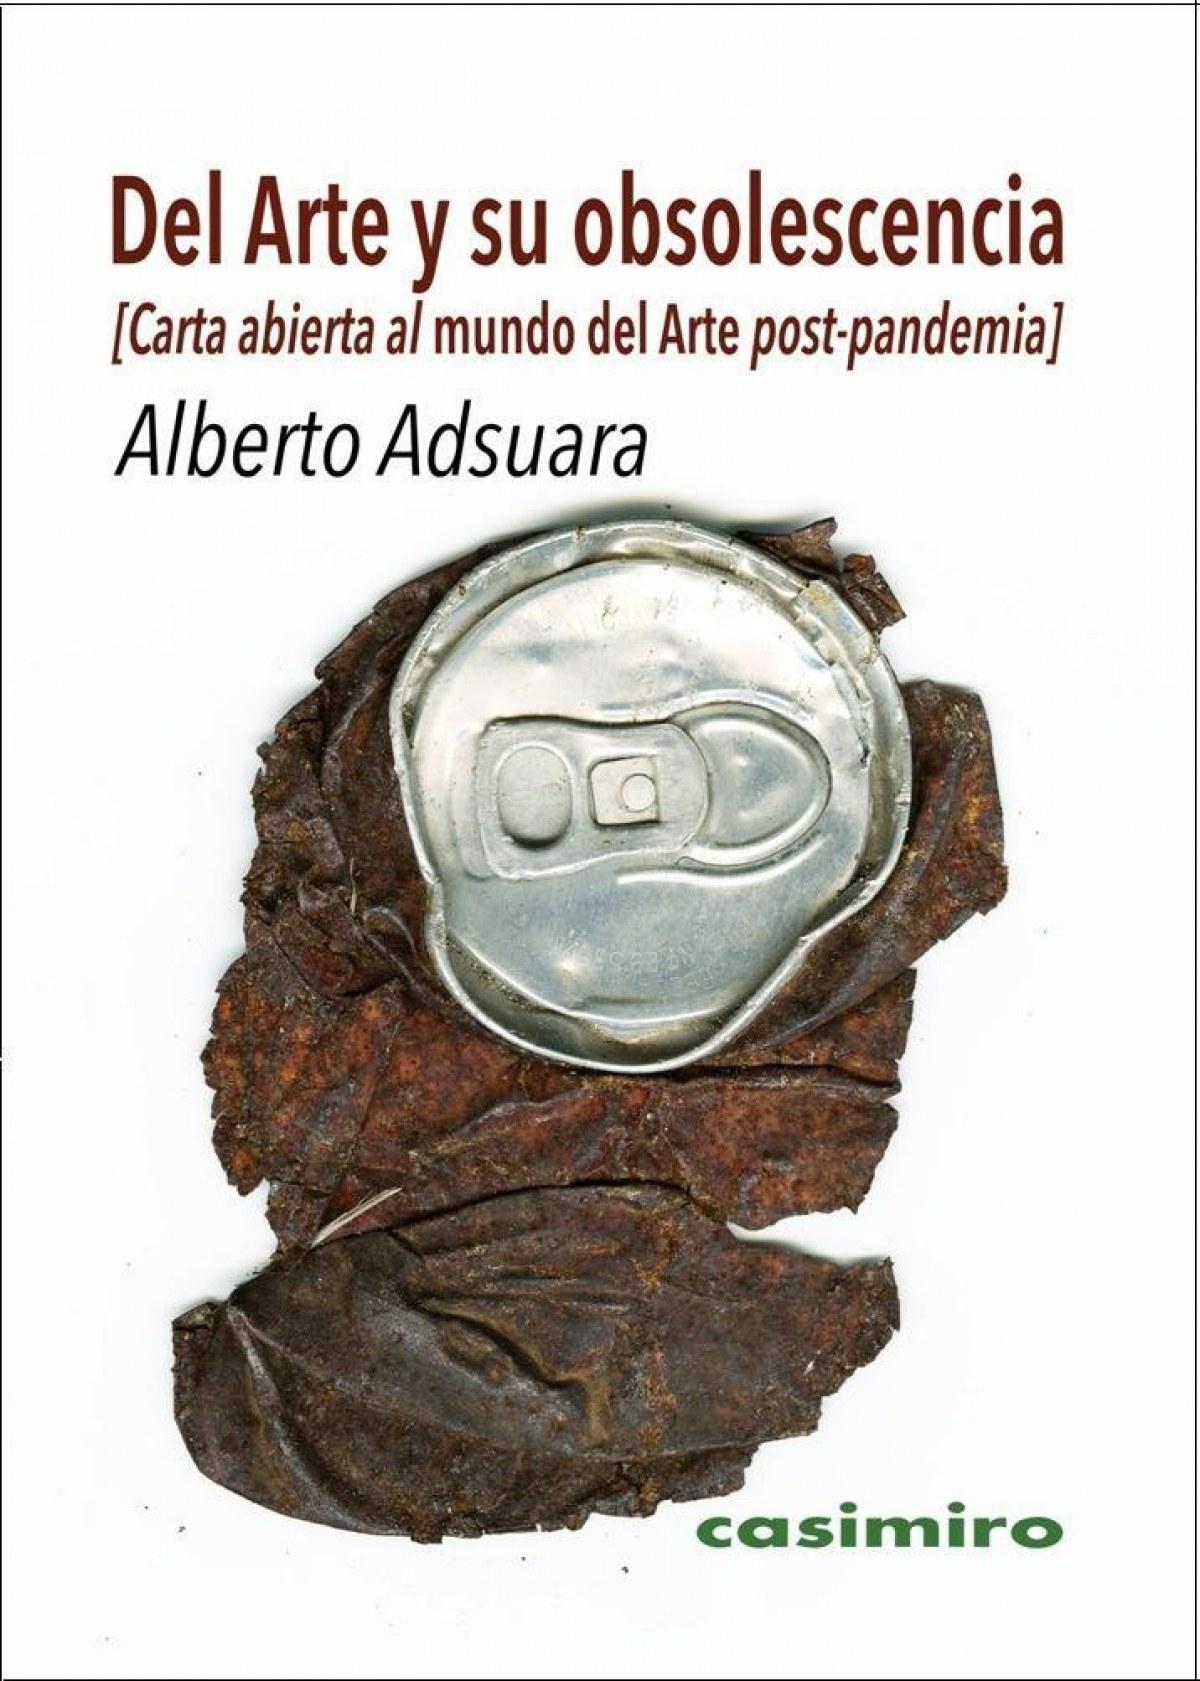 DEL ARTE Y SU OBSOLESCENCIA 9788417930264